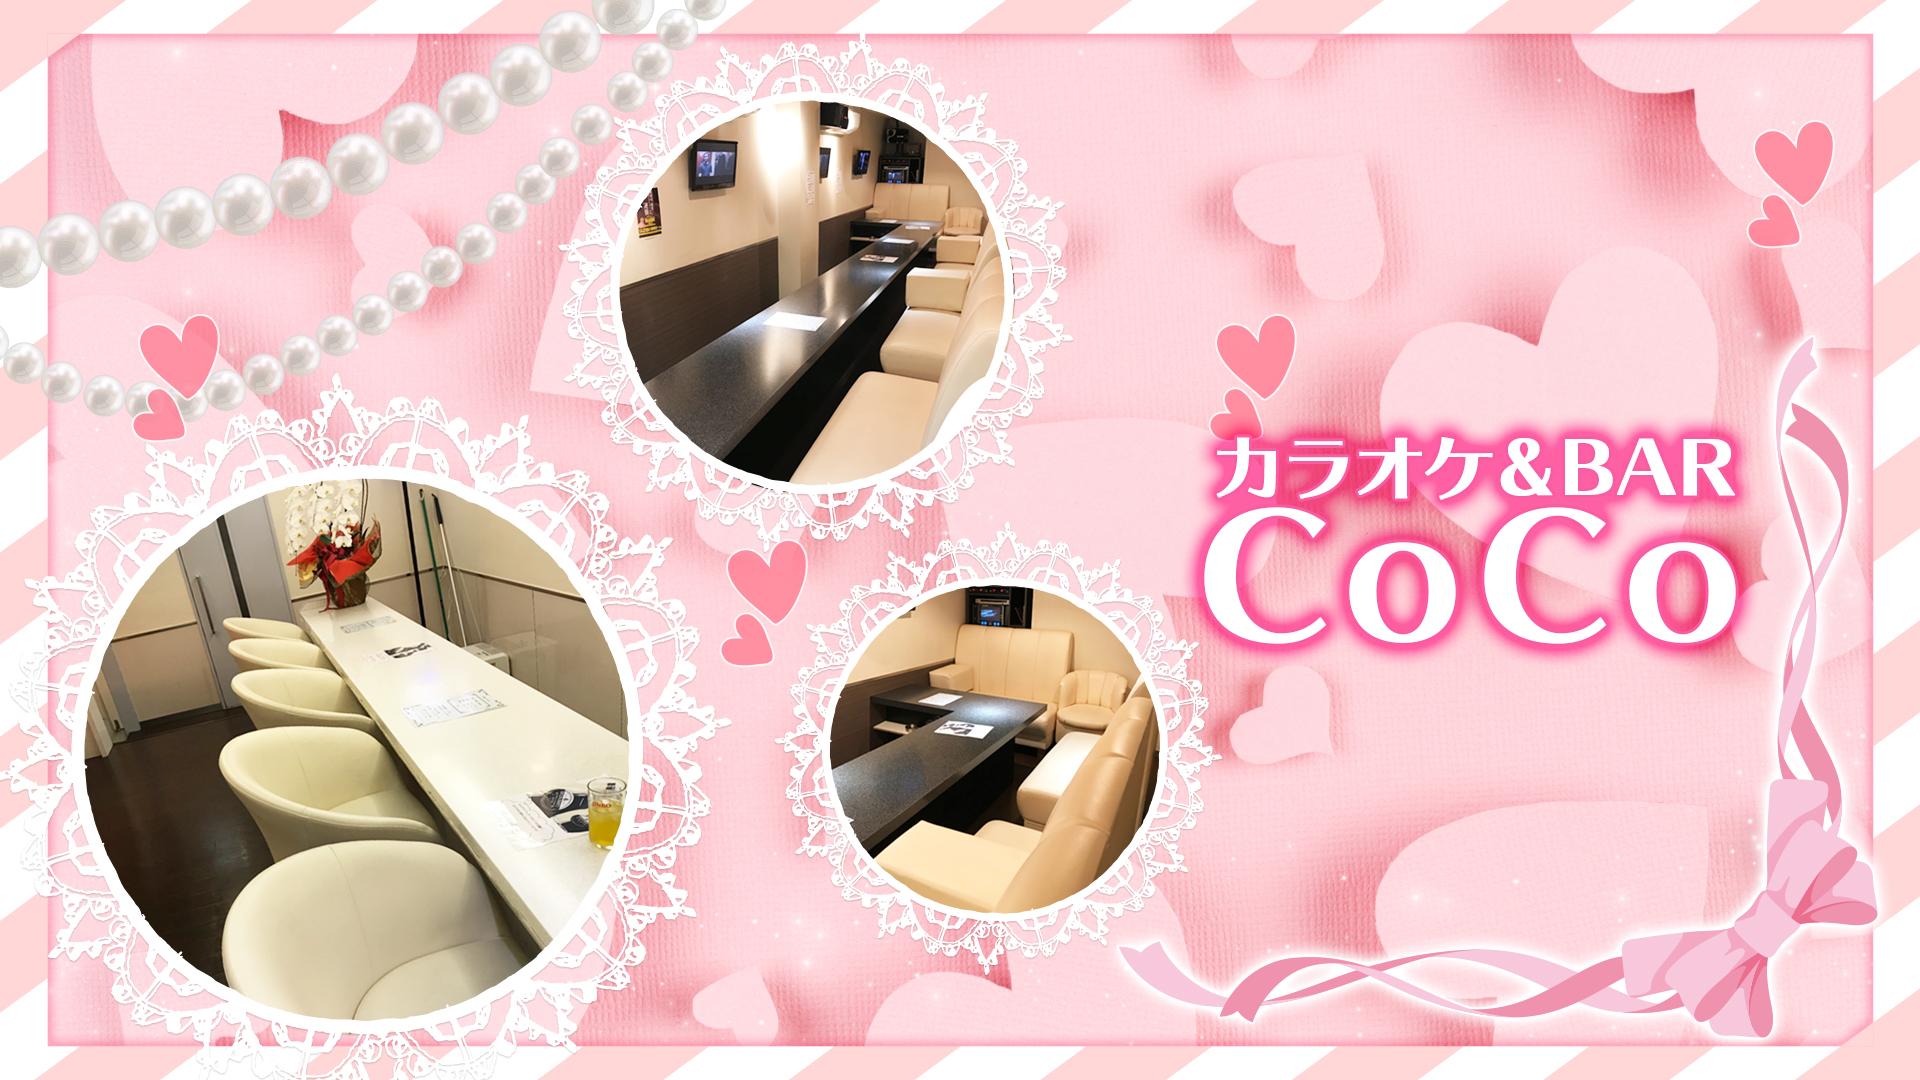 カラオケ&BAR CoCo<ココ> 東川口 ガールズバー TOP画像